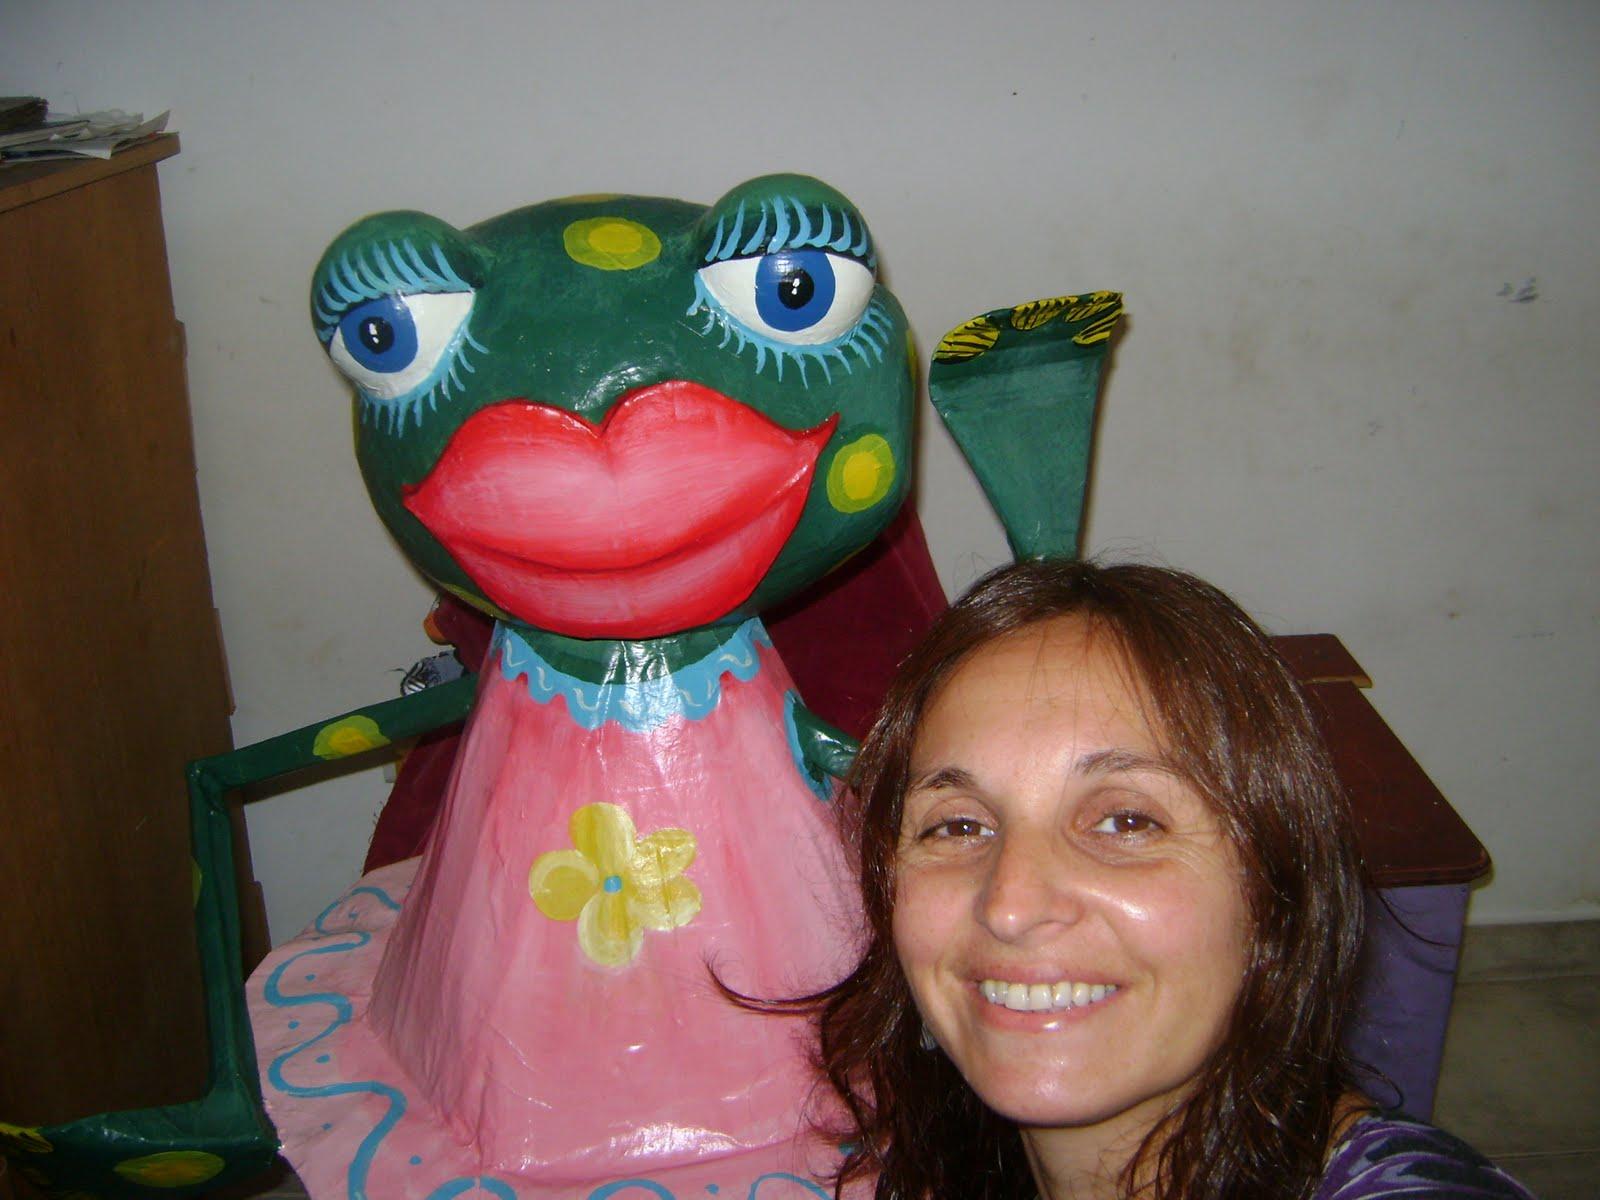 Murales y dibujos objetos decorativos - Objetos decorativos salon ...